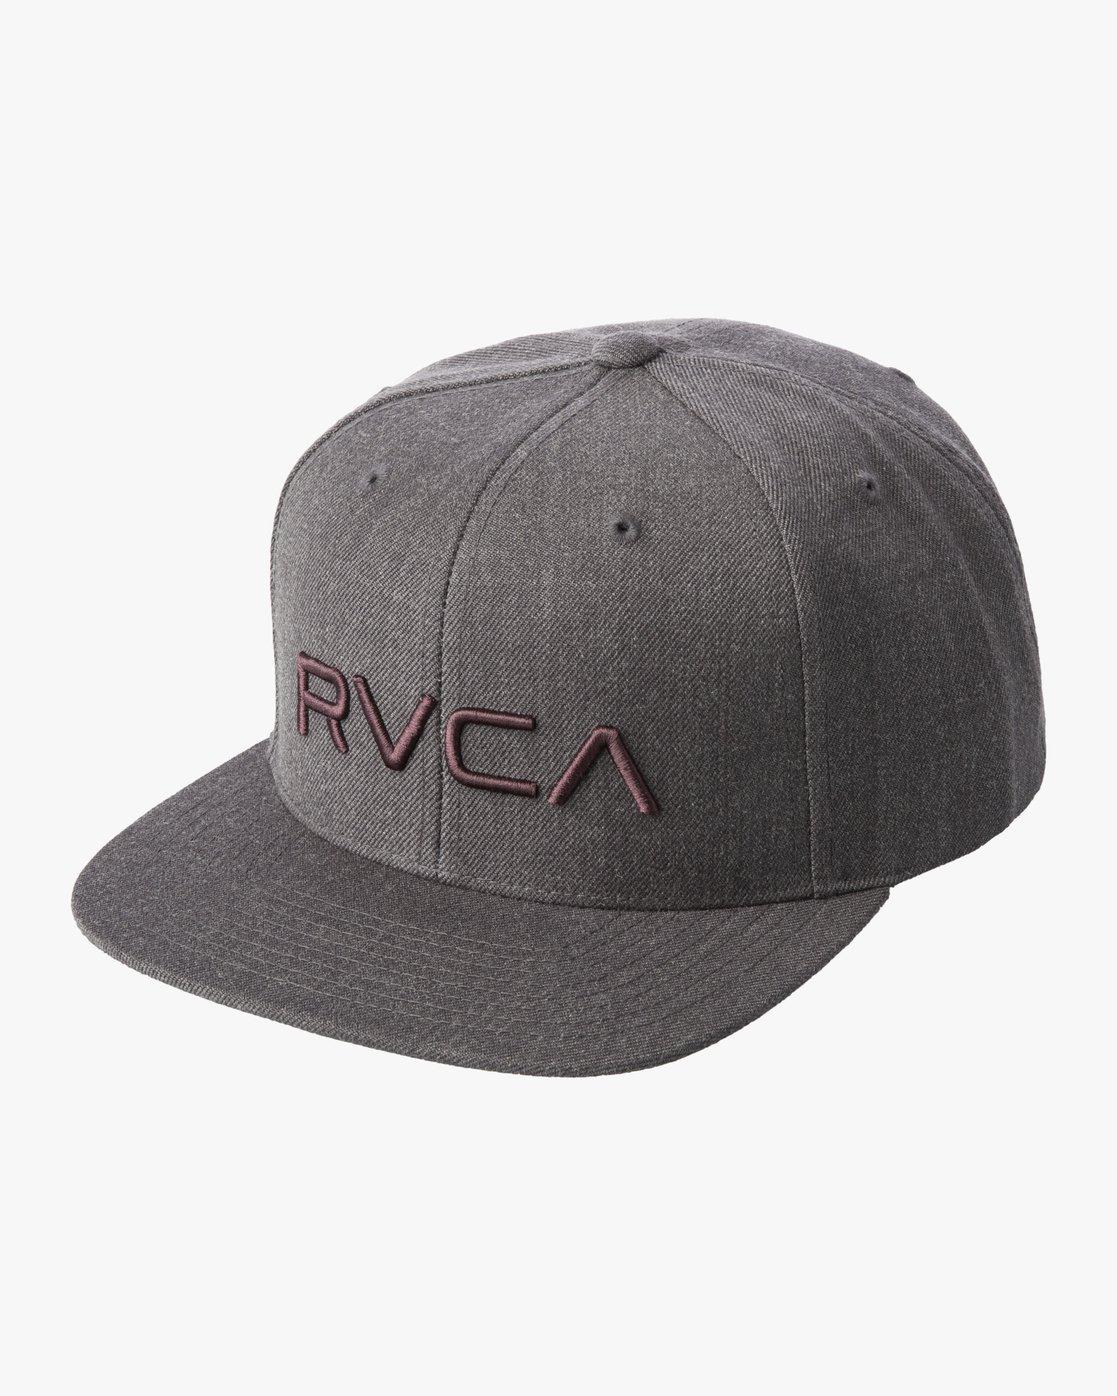 0 RVCA TWILL II SNAPBACK HAT Beige MAAHWRSB RVCA